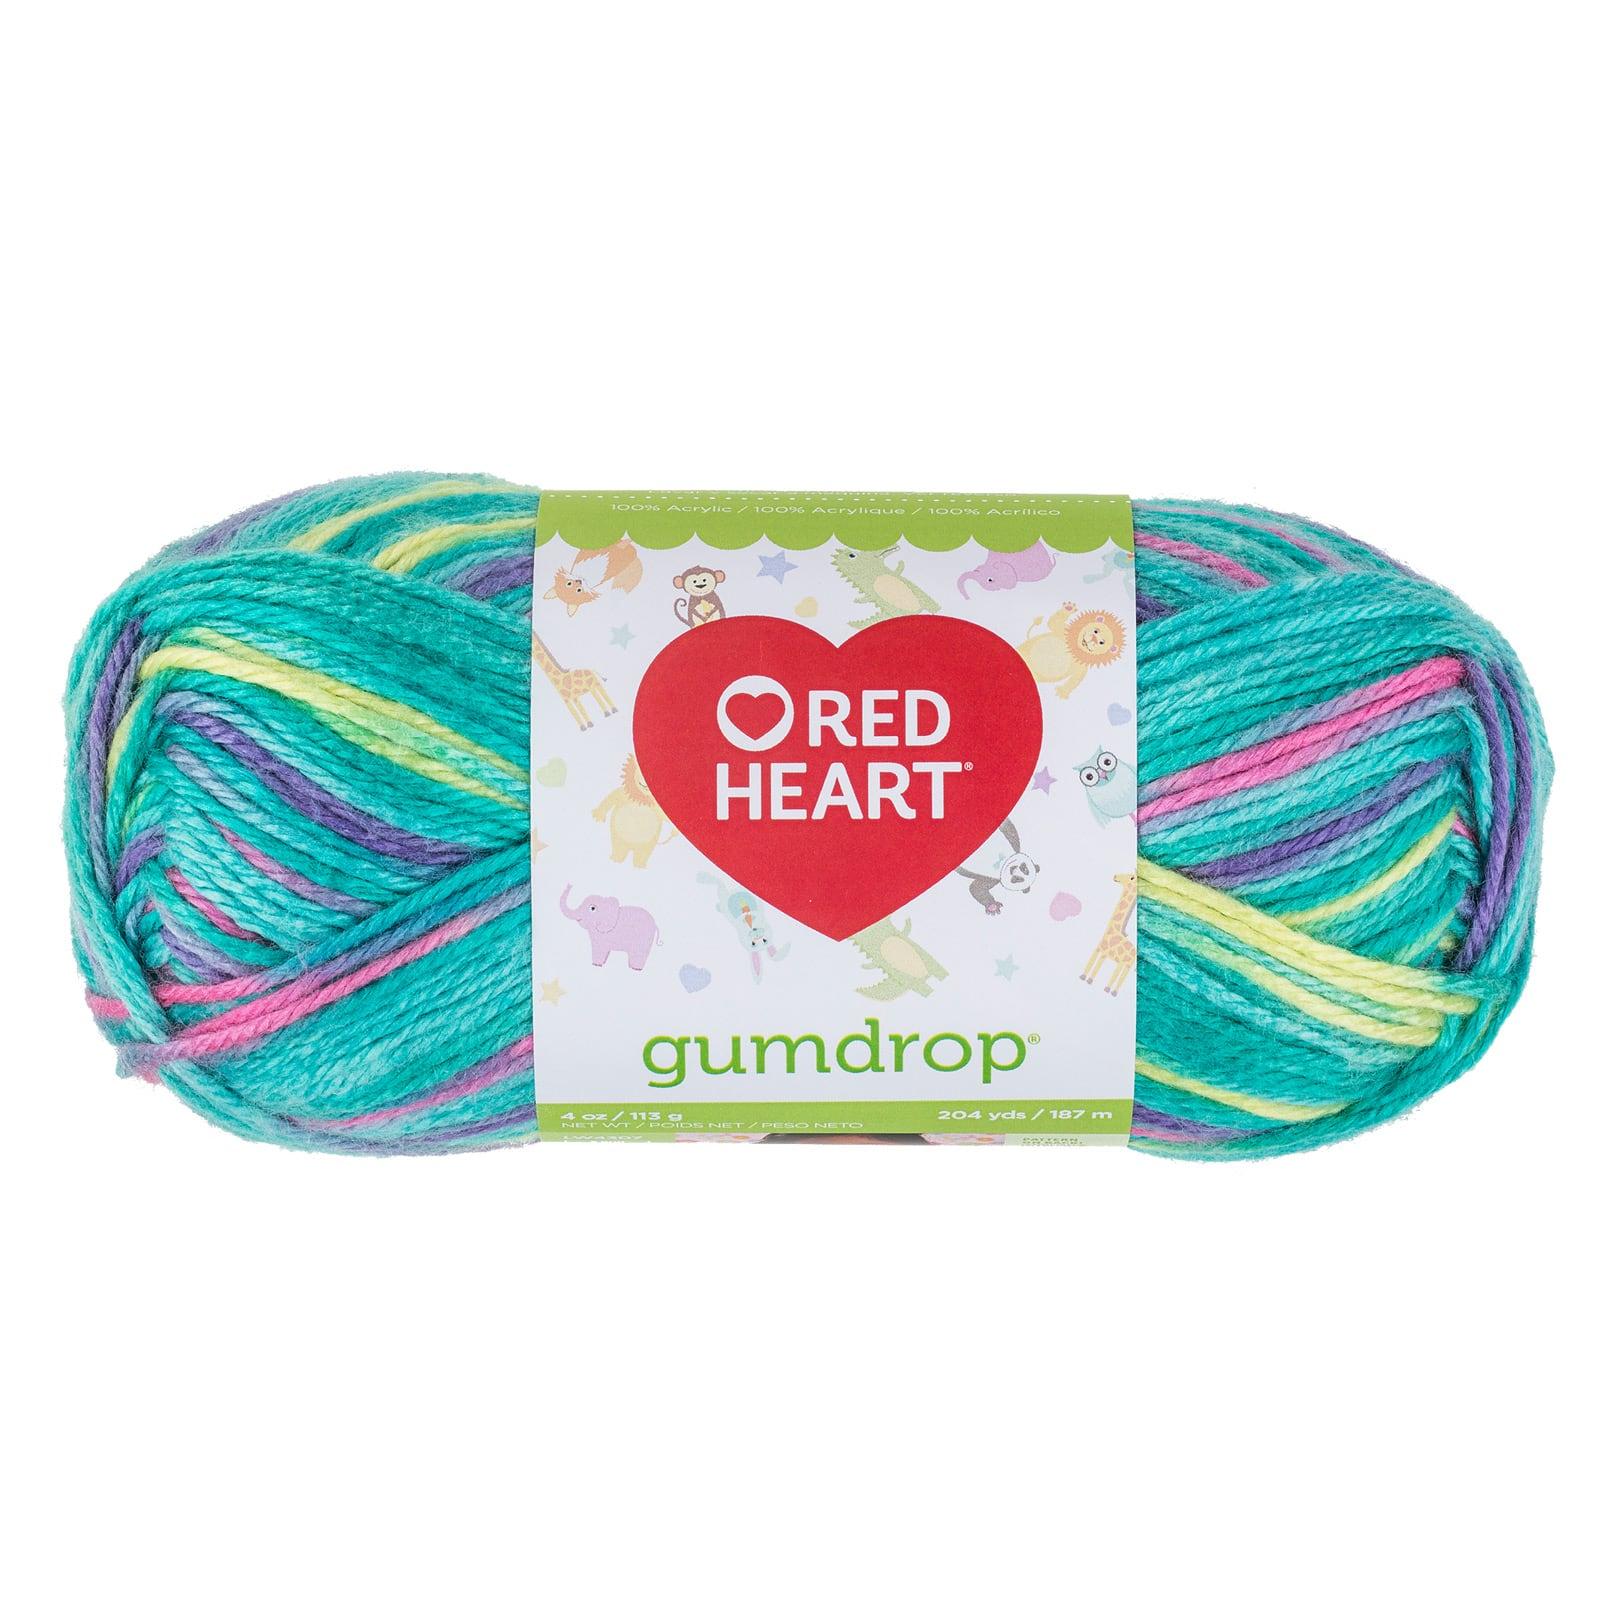 Red Heart Gumdrop Yarn-parfait